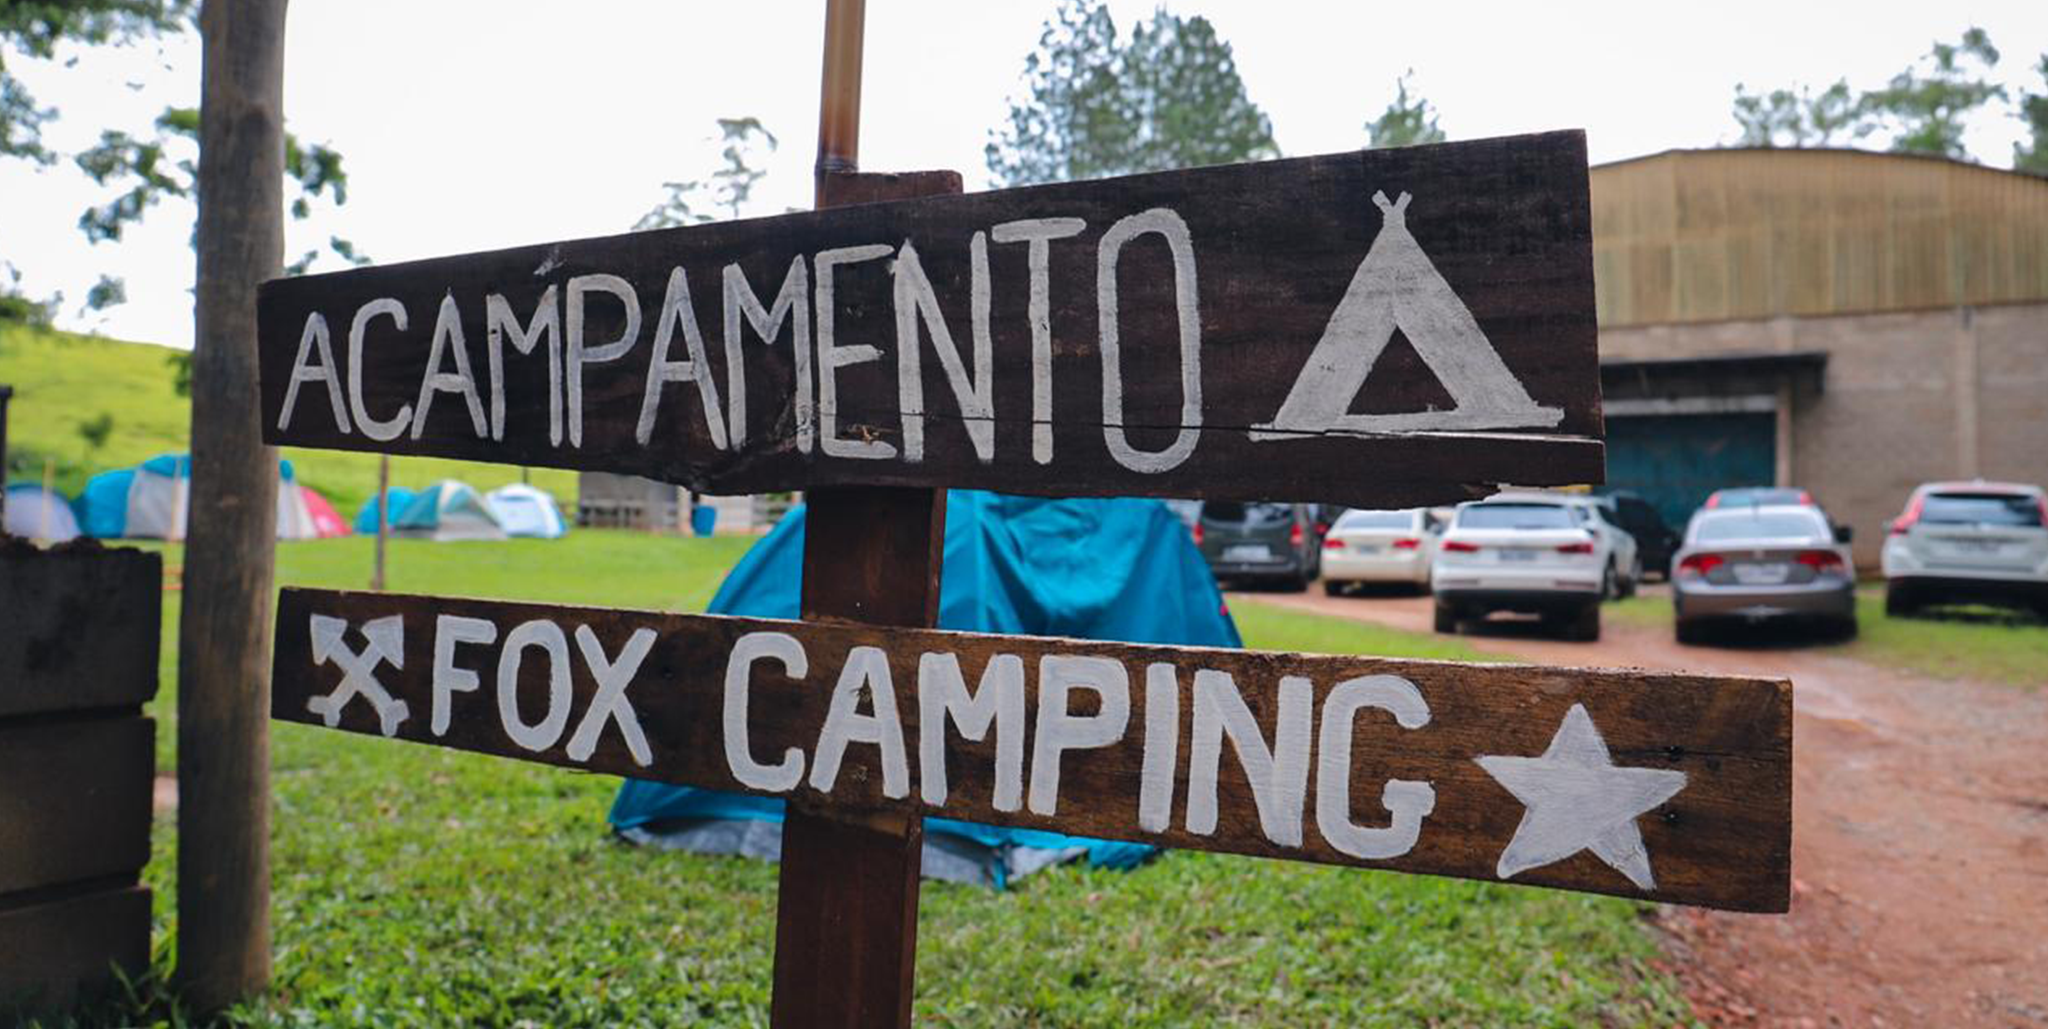 Fox Camping - Cientes da atual rotina dos pais e do uso excessivo da tecnologia pelas crianças, montamos um acampamento voltado ao convívio entre pais e filhos. O Fox Camping é o acampamento da família que motiva, a cada edição, a criação de experiências inesquecíveis e vivencias únicas.